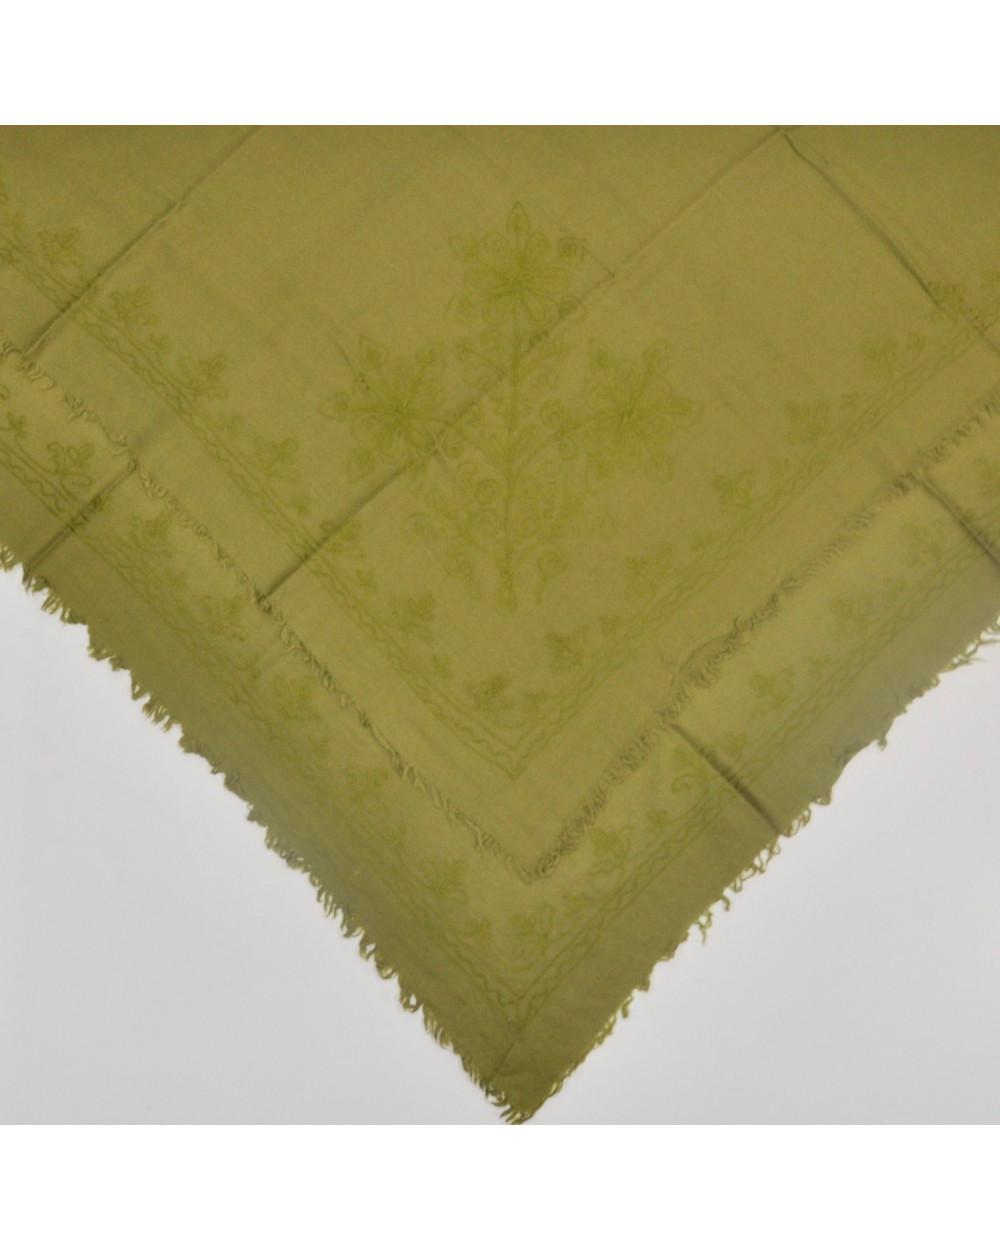 Pañuelo lana verde bordado a cadeneta